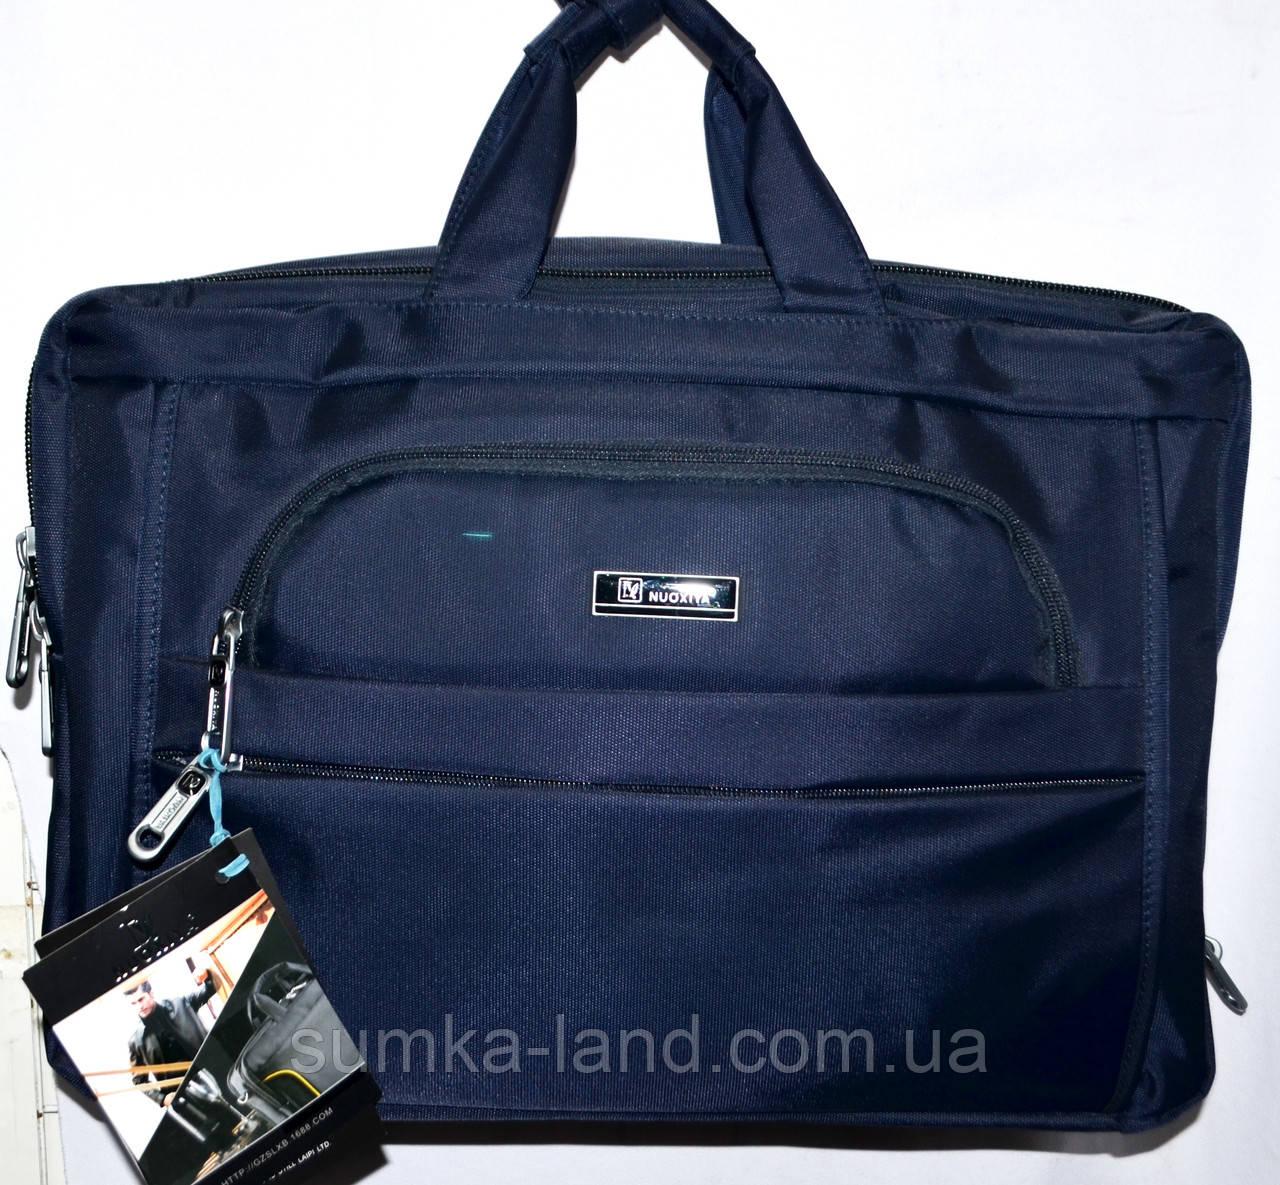 Трансформер, сумка - рюкзак для ноутбука синяя 41*30 см